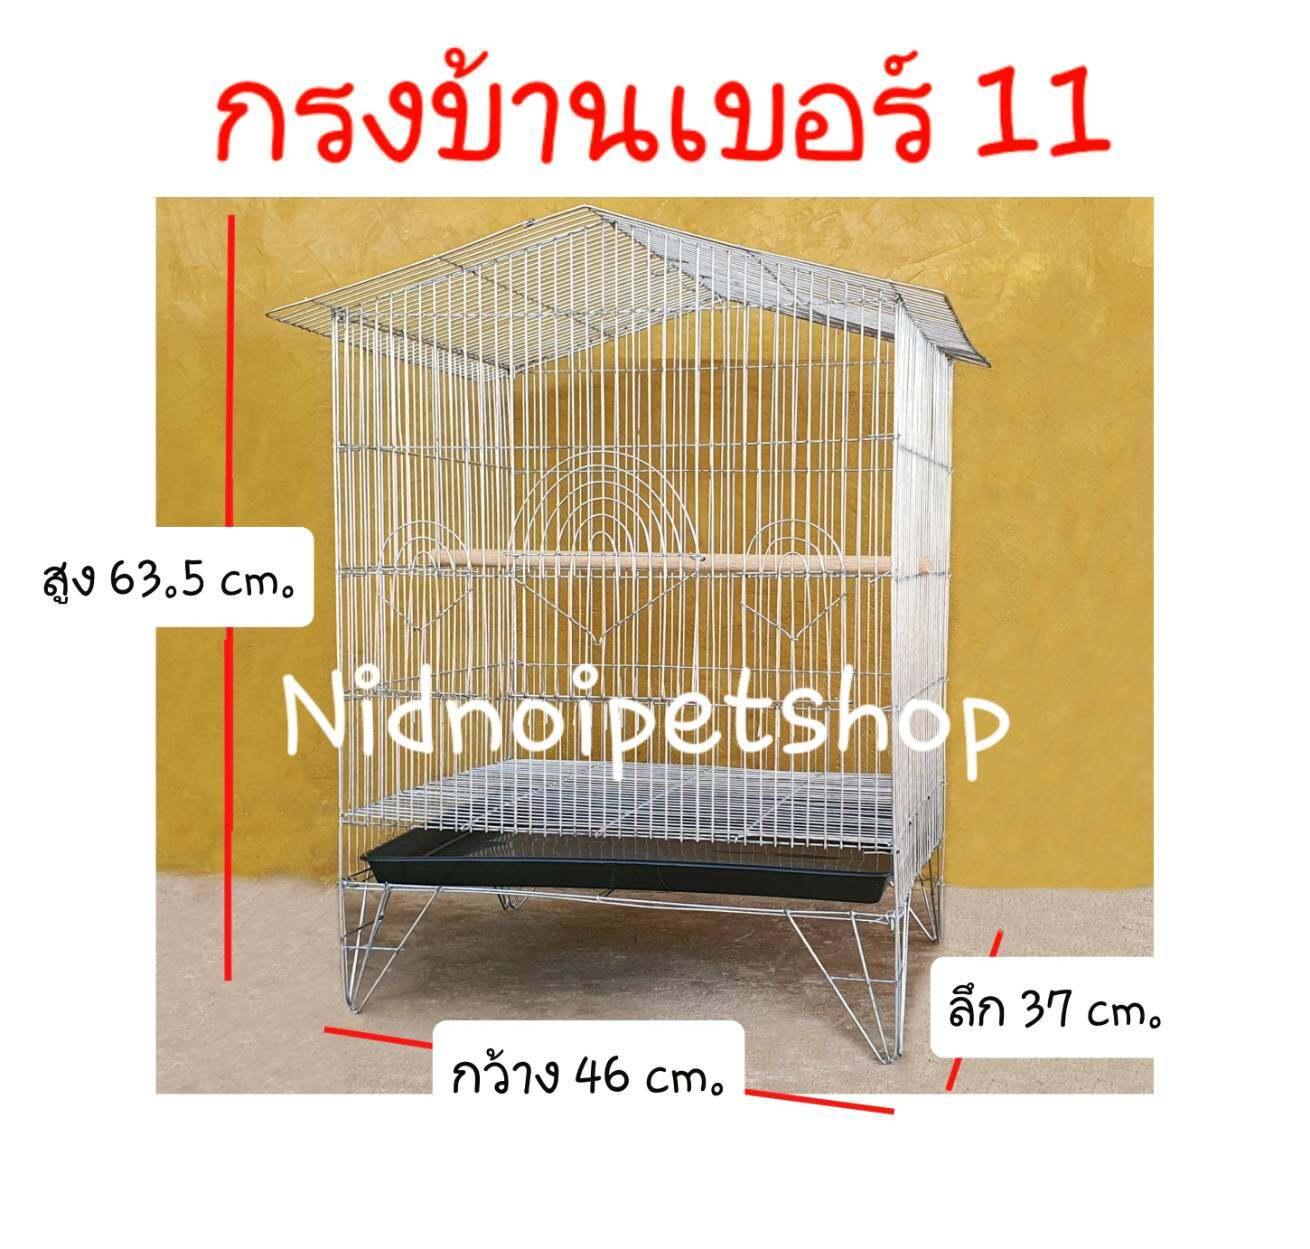 กรงทรงบ้านเล็ก (เบอร์ 11) กรงนก กรงชูก้า กระรอก กระแต หนูแฮมเตอร์ ราคาโรงงานคร้า!!!!.